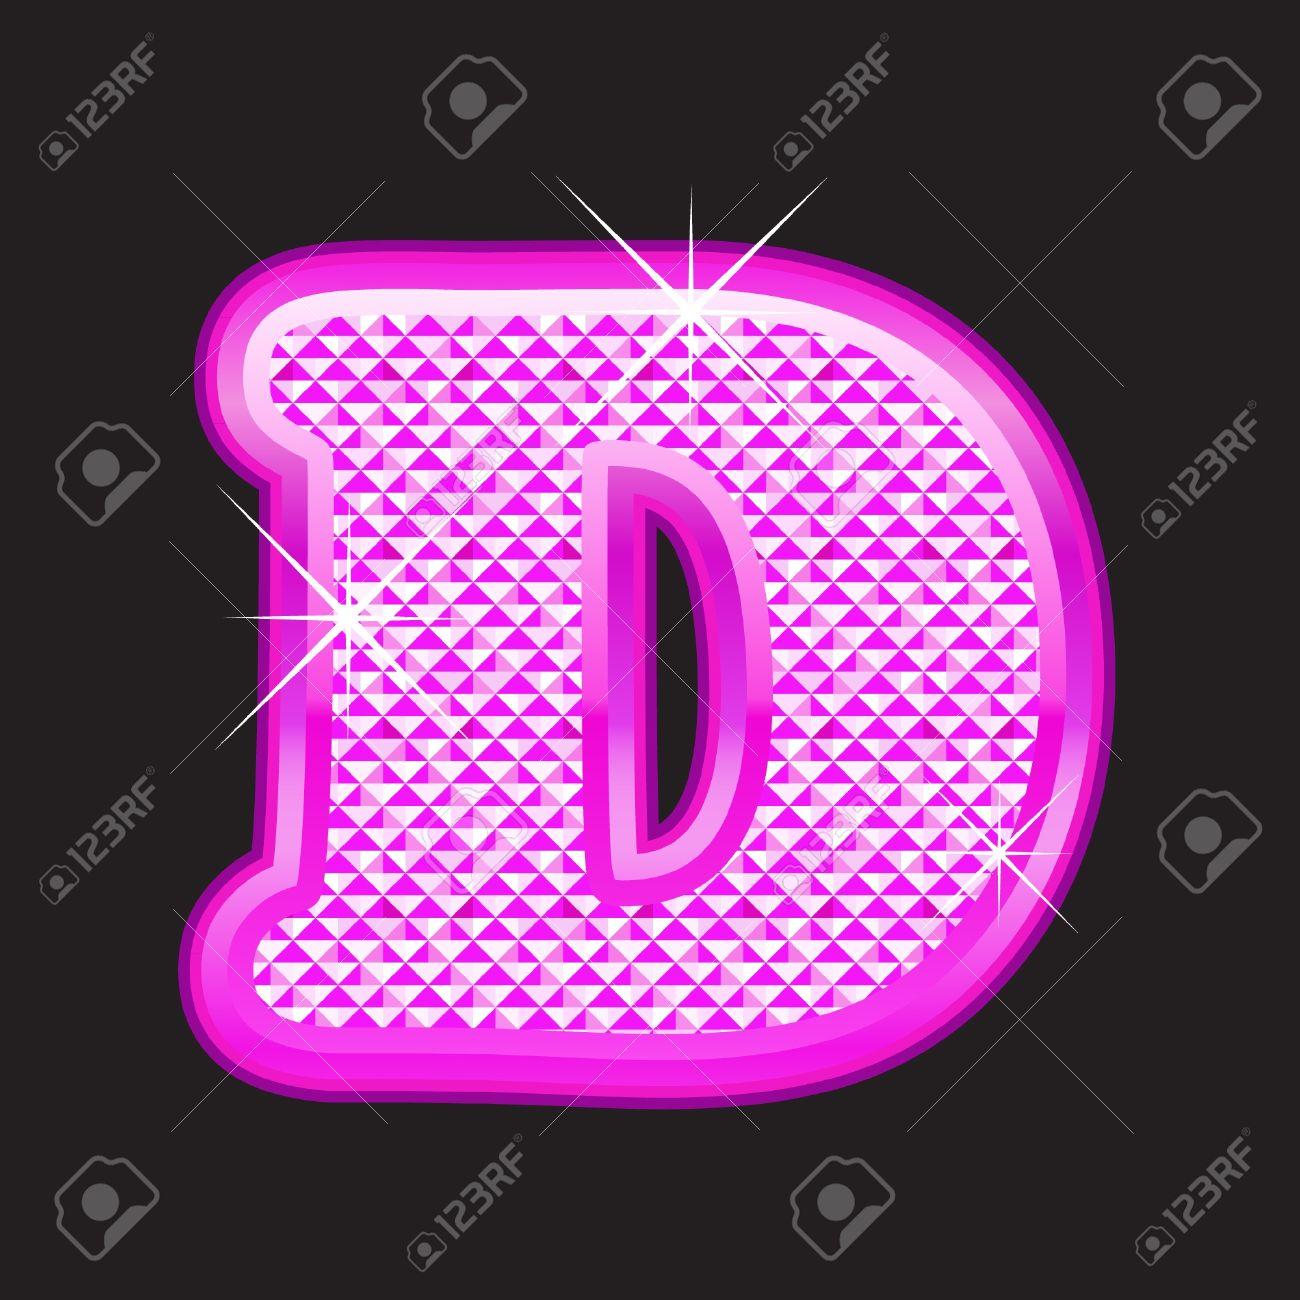 D letter pink bling girly Stock Vector - 10656728